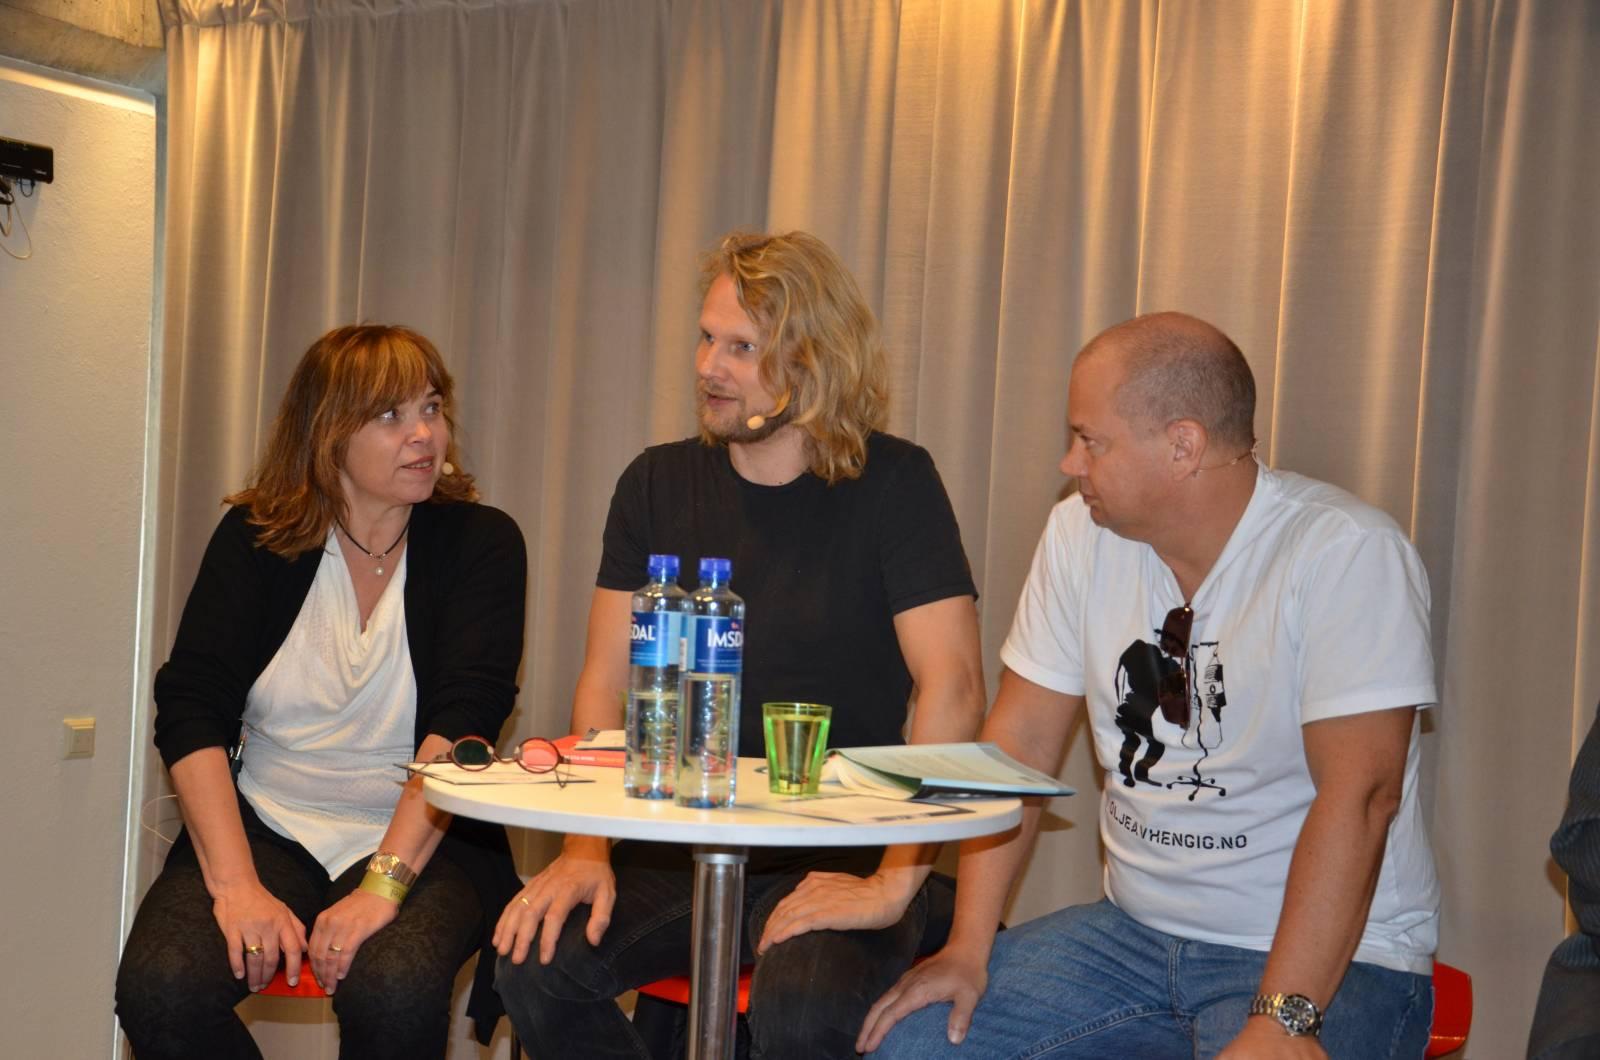 Marie Smith Solbakken, Aslak Sira Myhre og Frode Fanebust under Kapittelfestivalen i 2014. Tema var olje. Foto Mette Møllerop